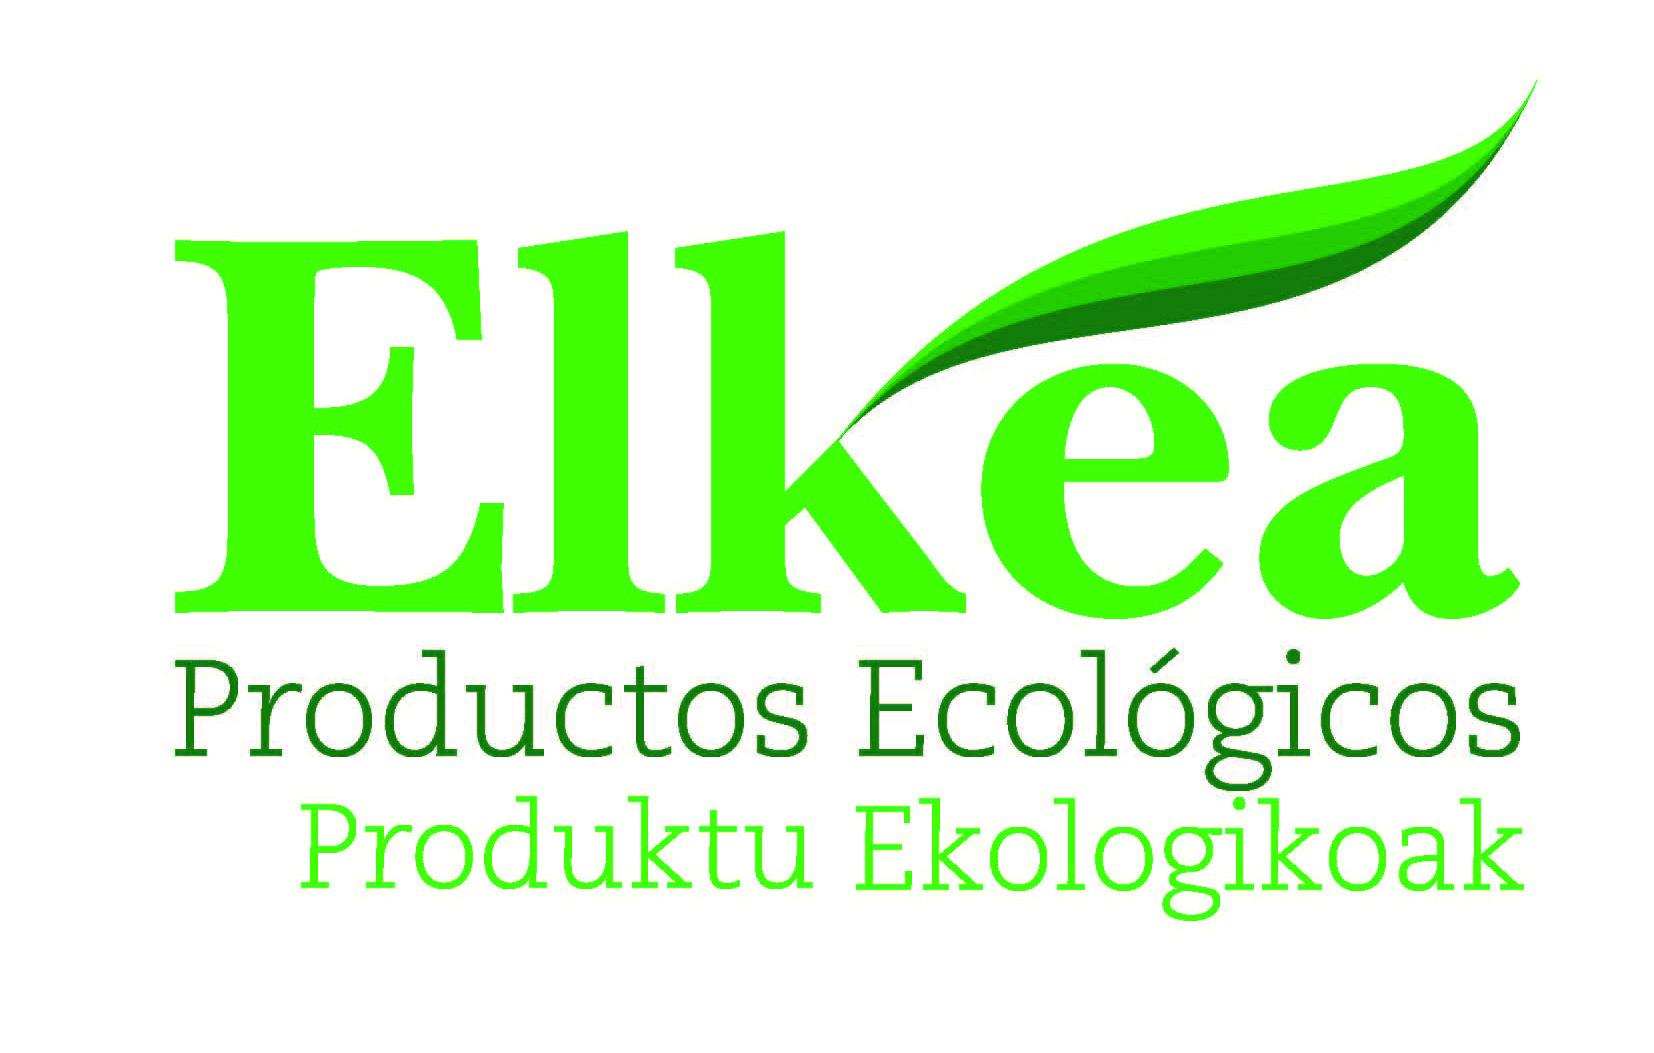 ELKEA Productos ecológicos